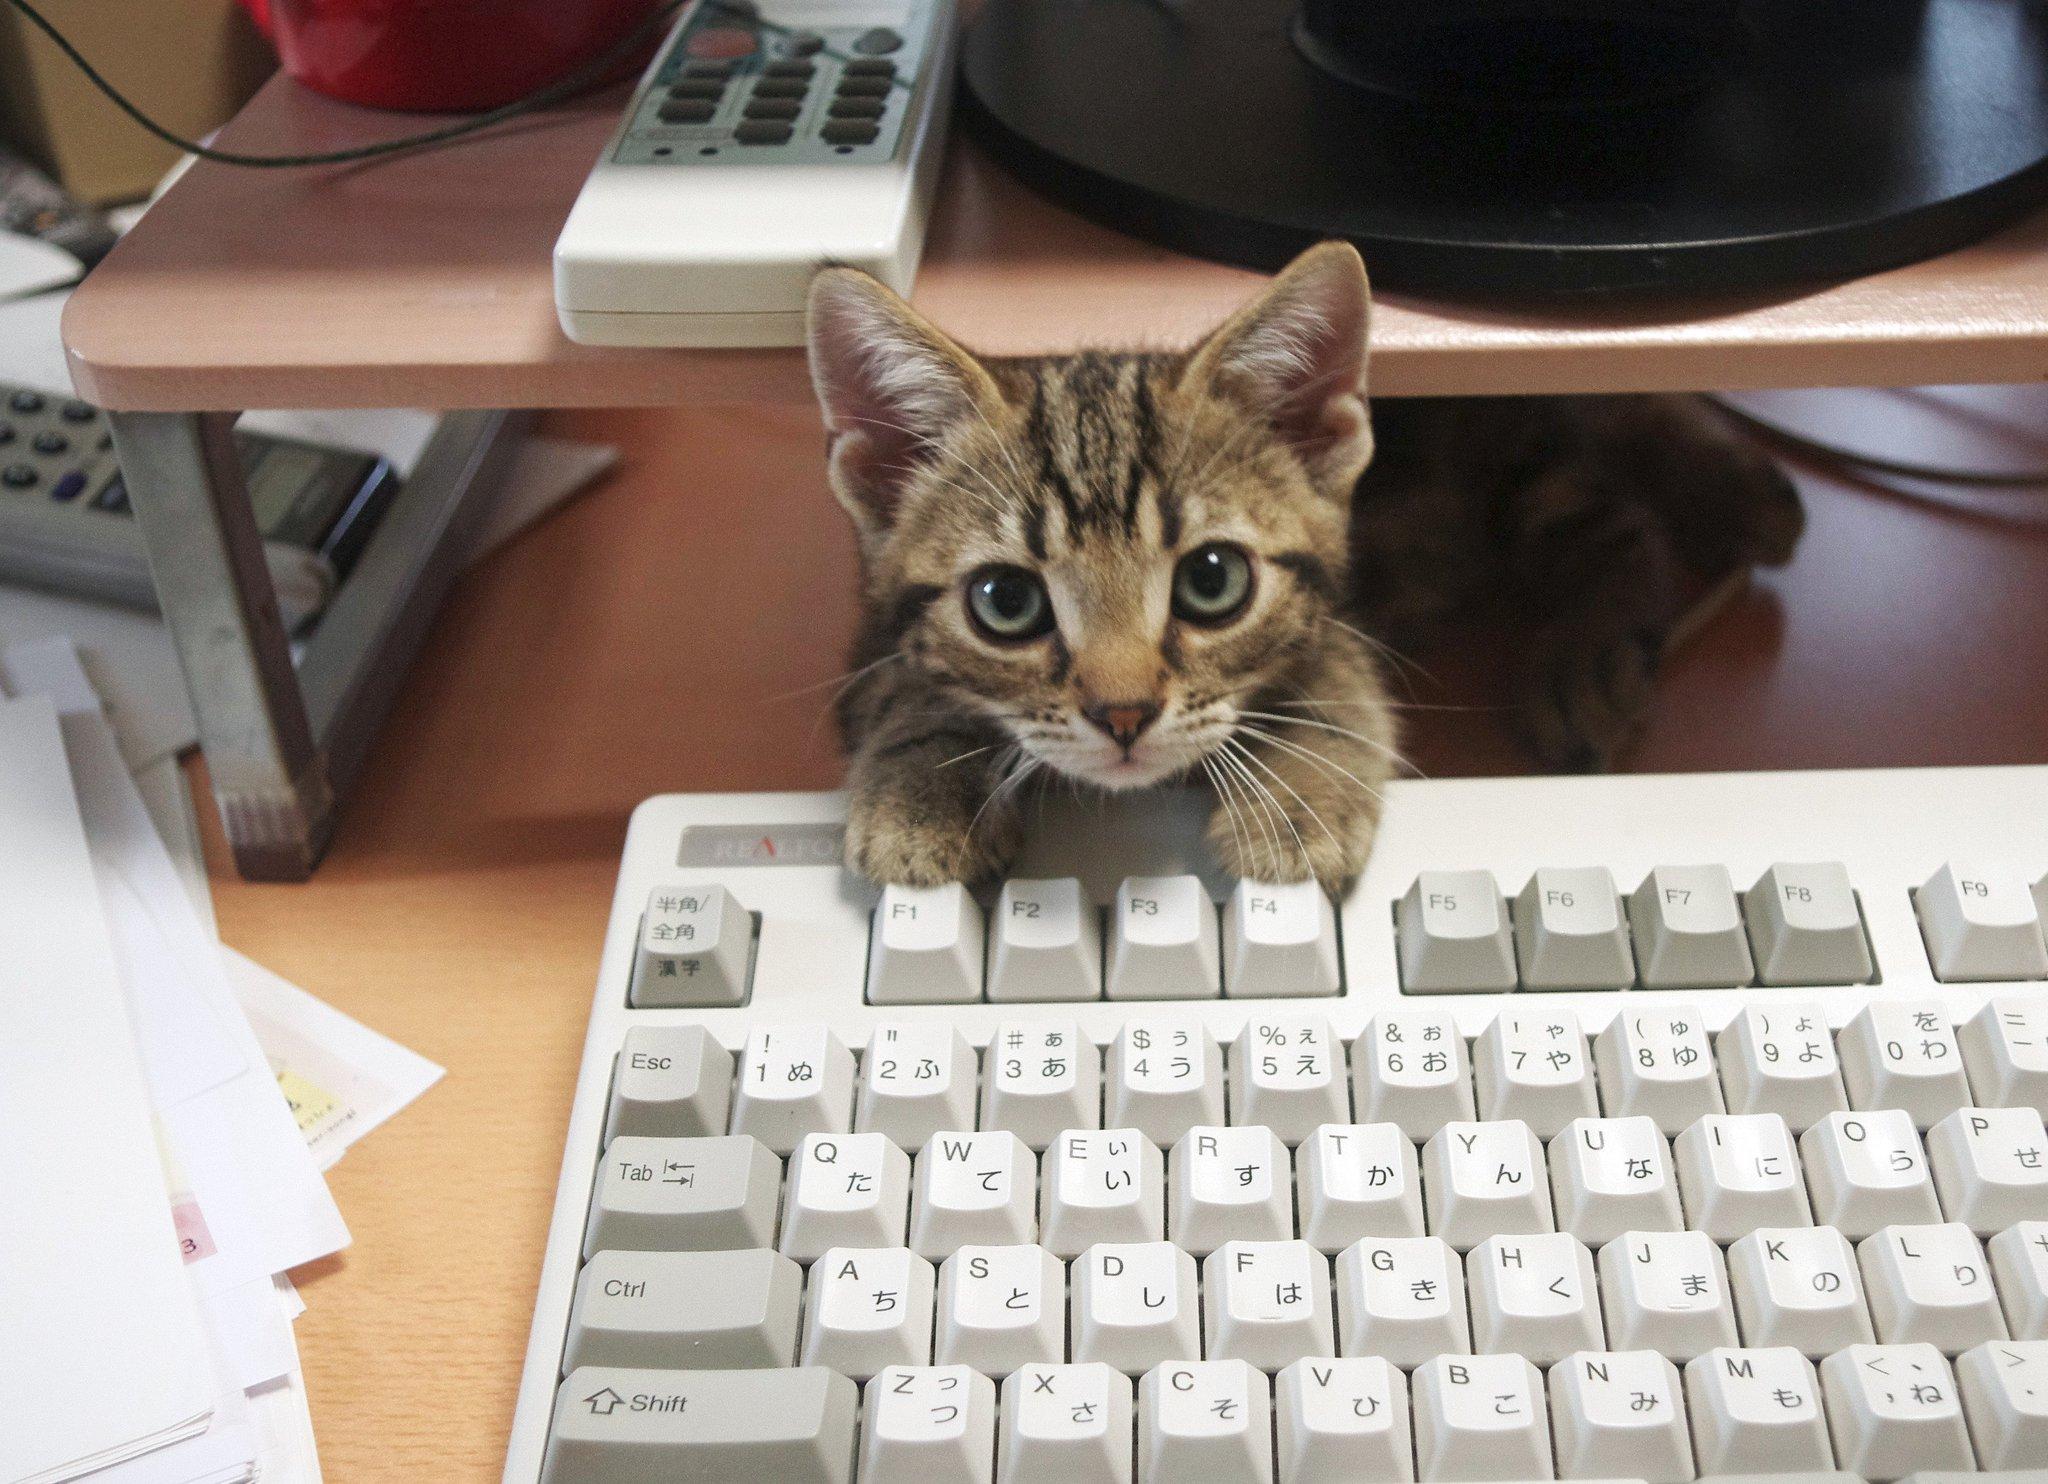 ついさっきまで、大暴れして仕事の妨害をしていたと思いきや、数分後にはコテッと寝ている。このように、子猫の毎日は分刻みのスケジュールなのである。(そして、この隙に仕事を進める)